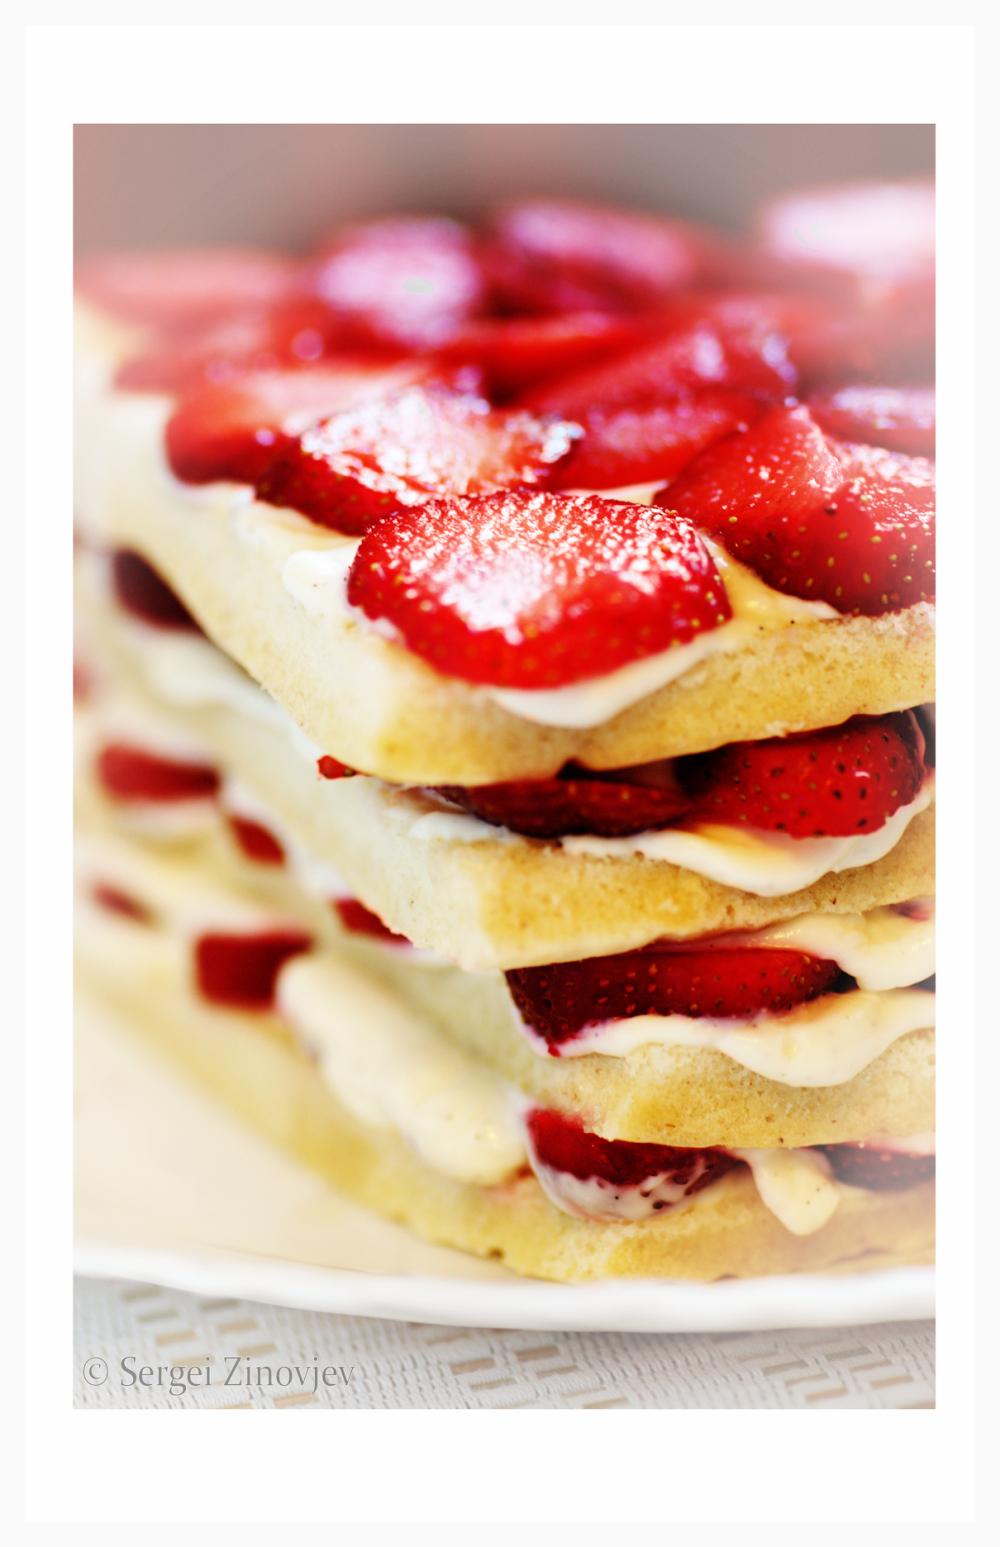 strawberry sandwich dessert